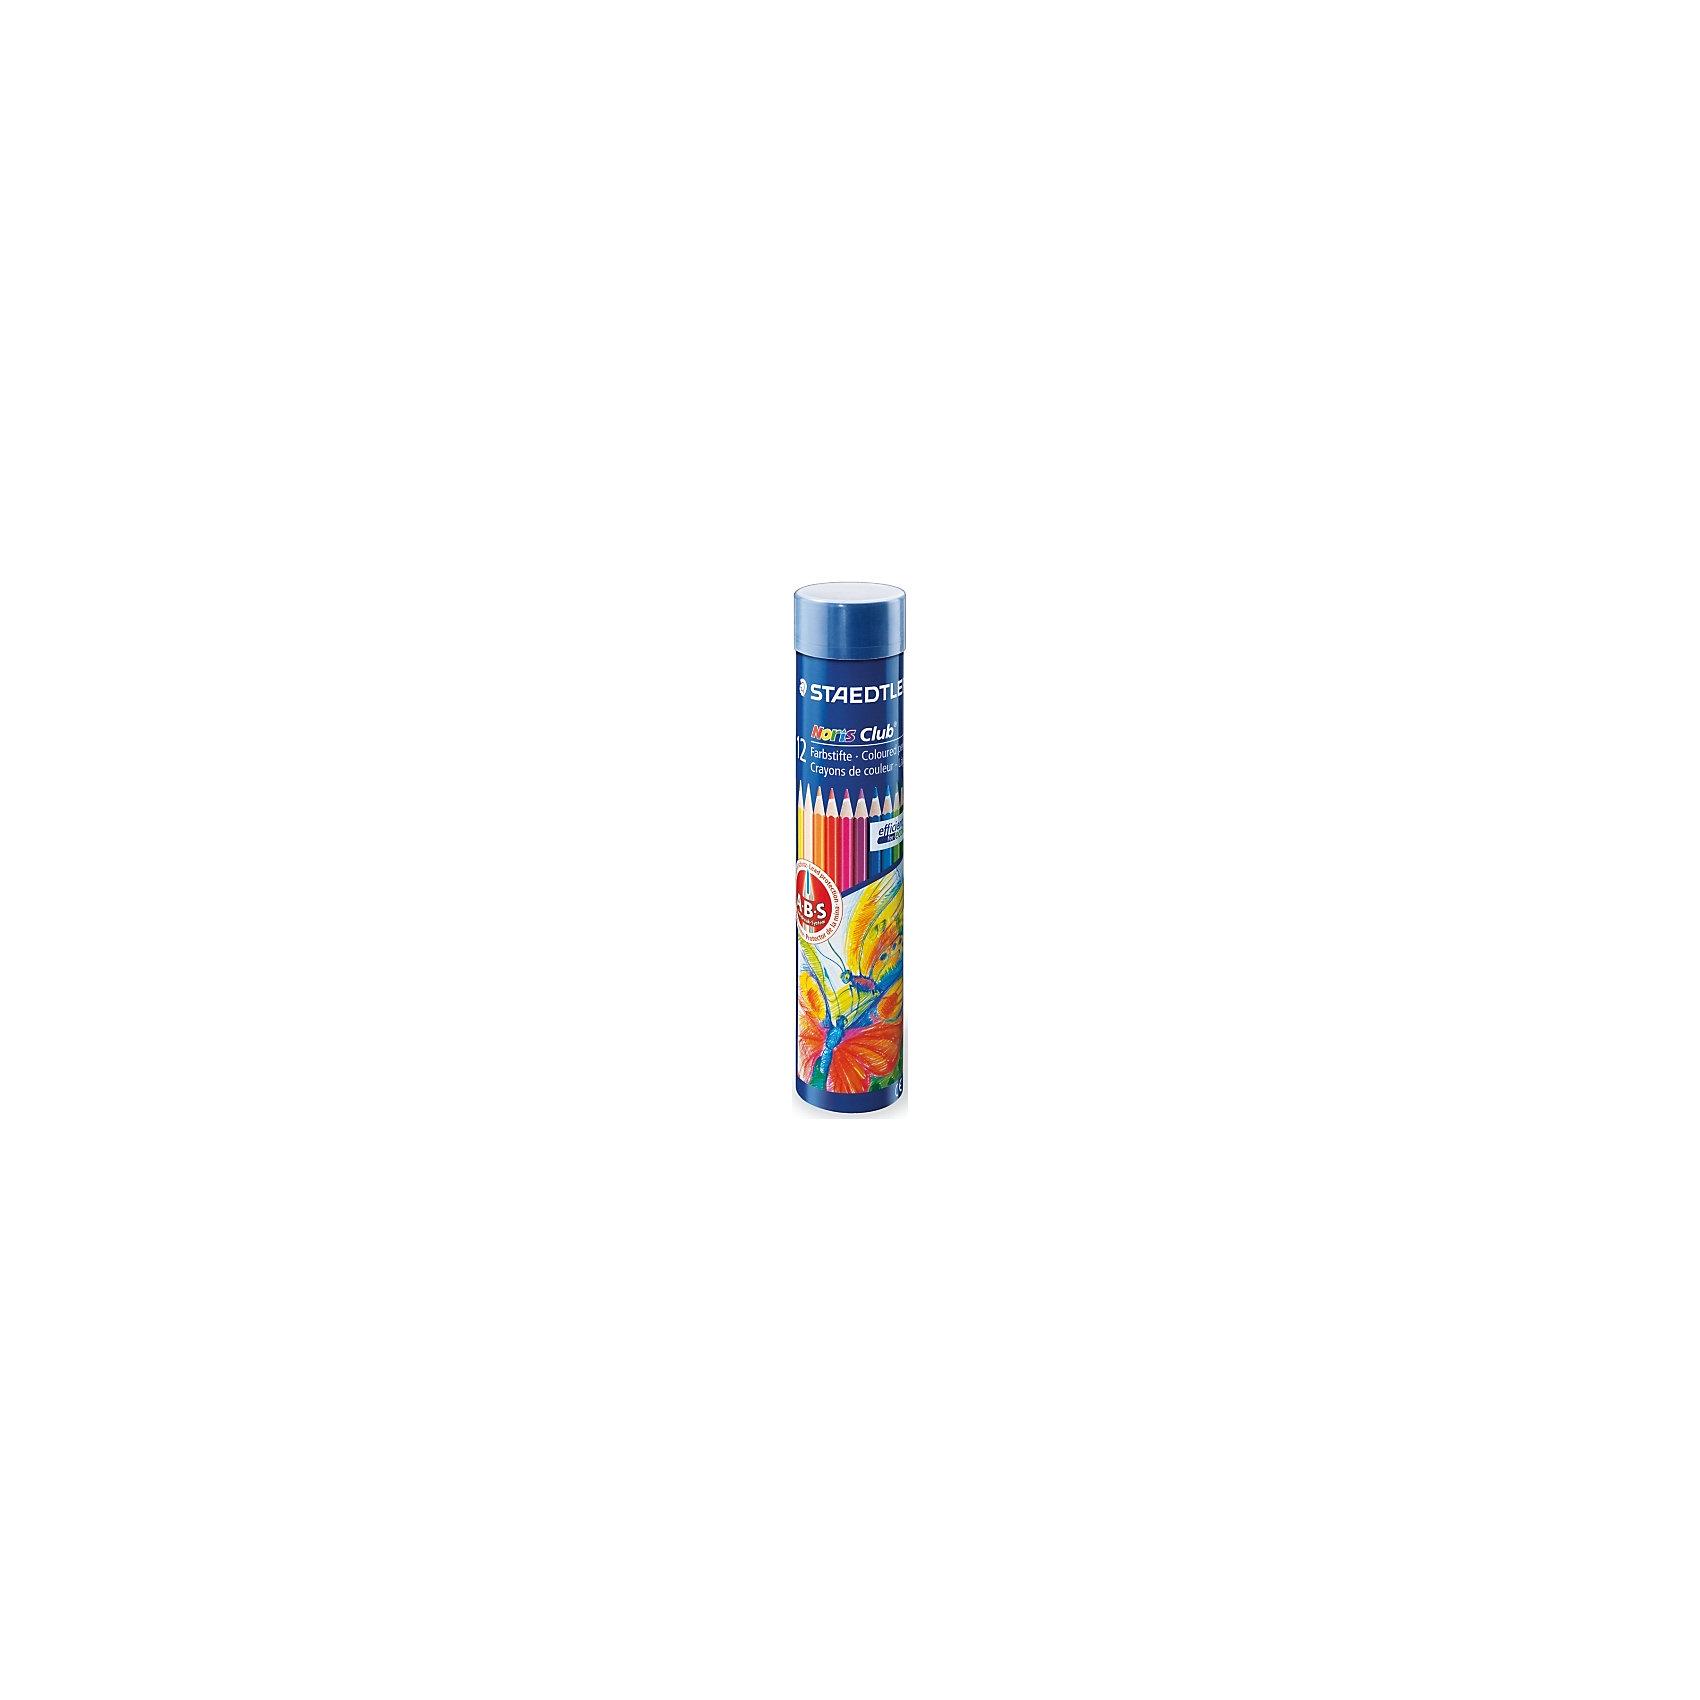 Цветные карандаши Noris Club, 12 цв.Рисование<br>Набор цветных карандашей Noris Club классической шестигранной формы. Металлическая коробка. Содержит 12 цветов. A-B-C - белое защитное покрытие для укрепления грифеля и для защиты от поломки. Очень мягкий и яркий грифель. При призводстве используется древесина сертифицированных и  специально подготовленных лесов.<br><br>Ширина мм: 40<br>Глубина мм: 40<br>Высота мм: 180<br>Вес г: 111<br>Возраст от месяцев: 36<br>Возраст до месяцев: 192<br>Пол: Унисекс<br>Возраст: Детский<br>SKU: 2031237